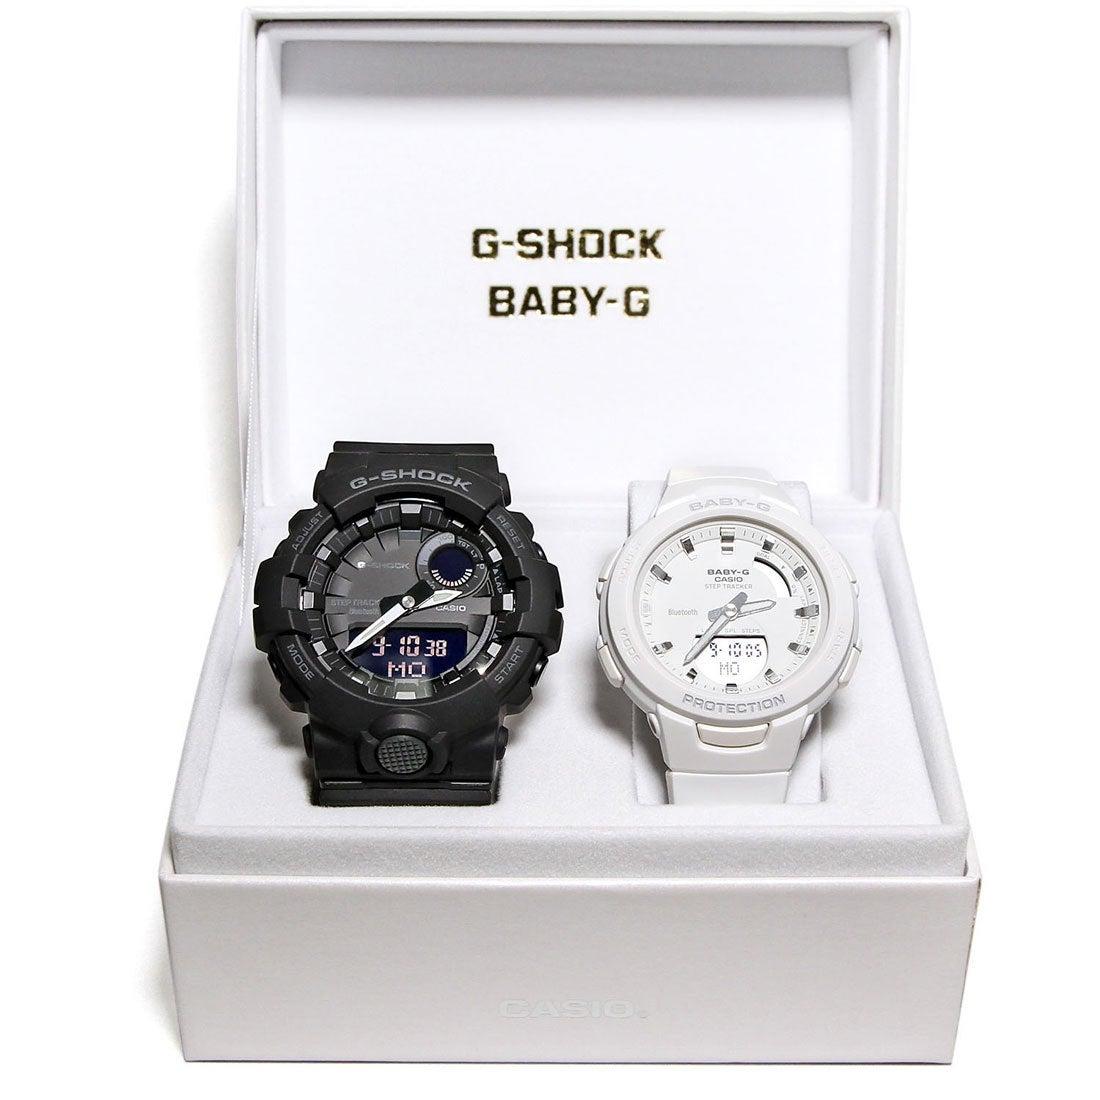 0baa2b434e 【G-SHOCK&BABY-G】Pair Model / G-SQUAD(ジー・スクワッド) / GBA-800-1AJF ×  BSA-B100-7AJF (ブラック×ホワイト) -靴&ファッション通販 ロコンド〜自宅で試着、 ...